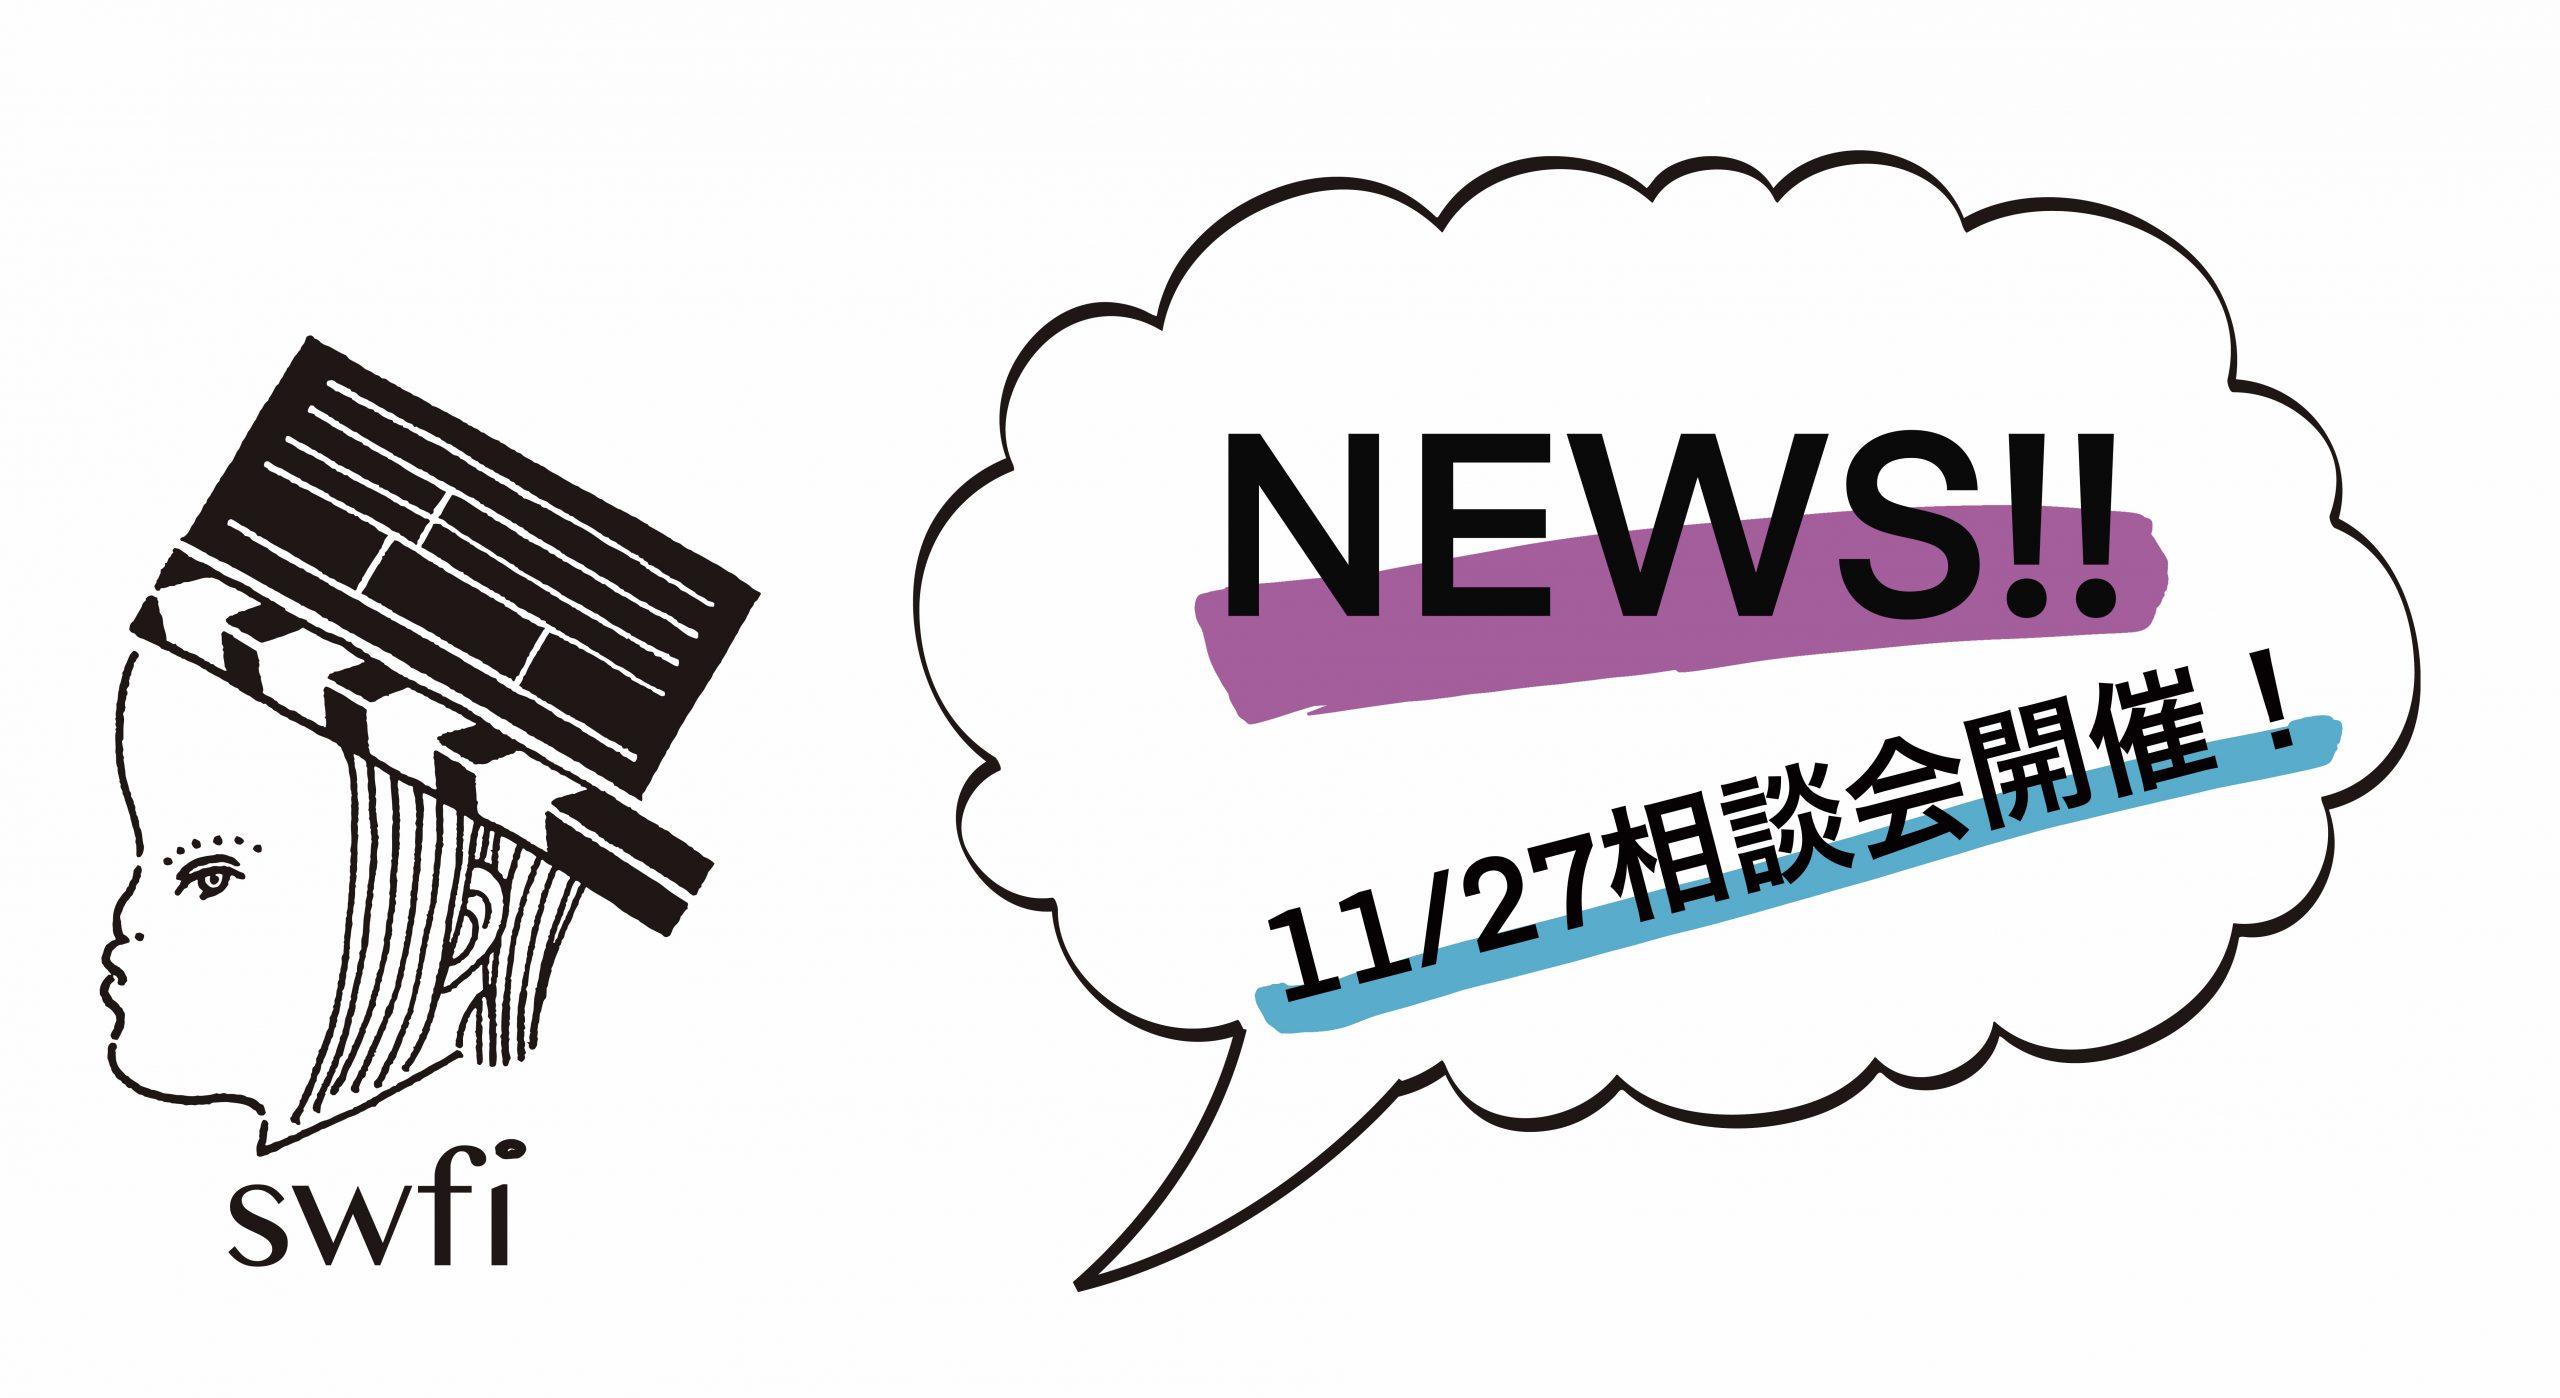 swfi相談会Vol.1開催のお知らせ